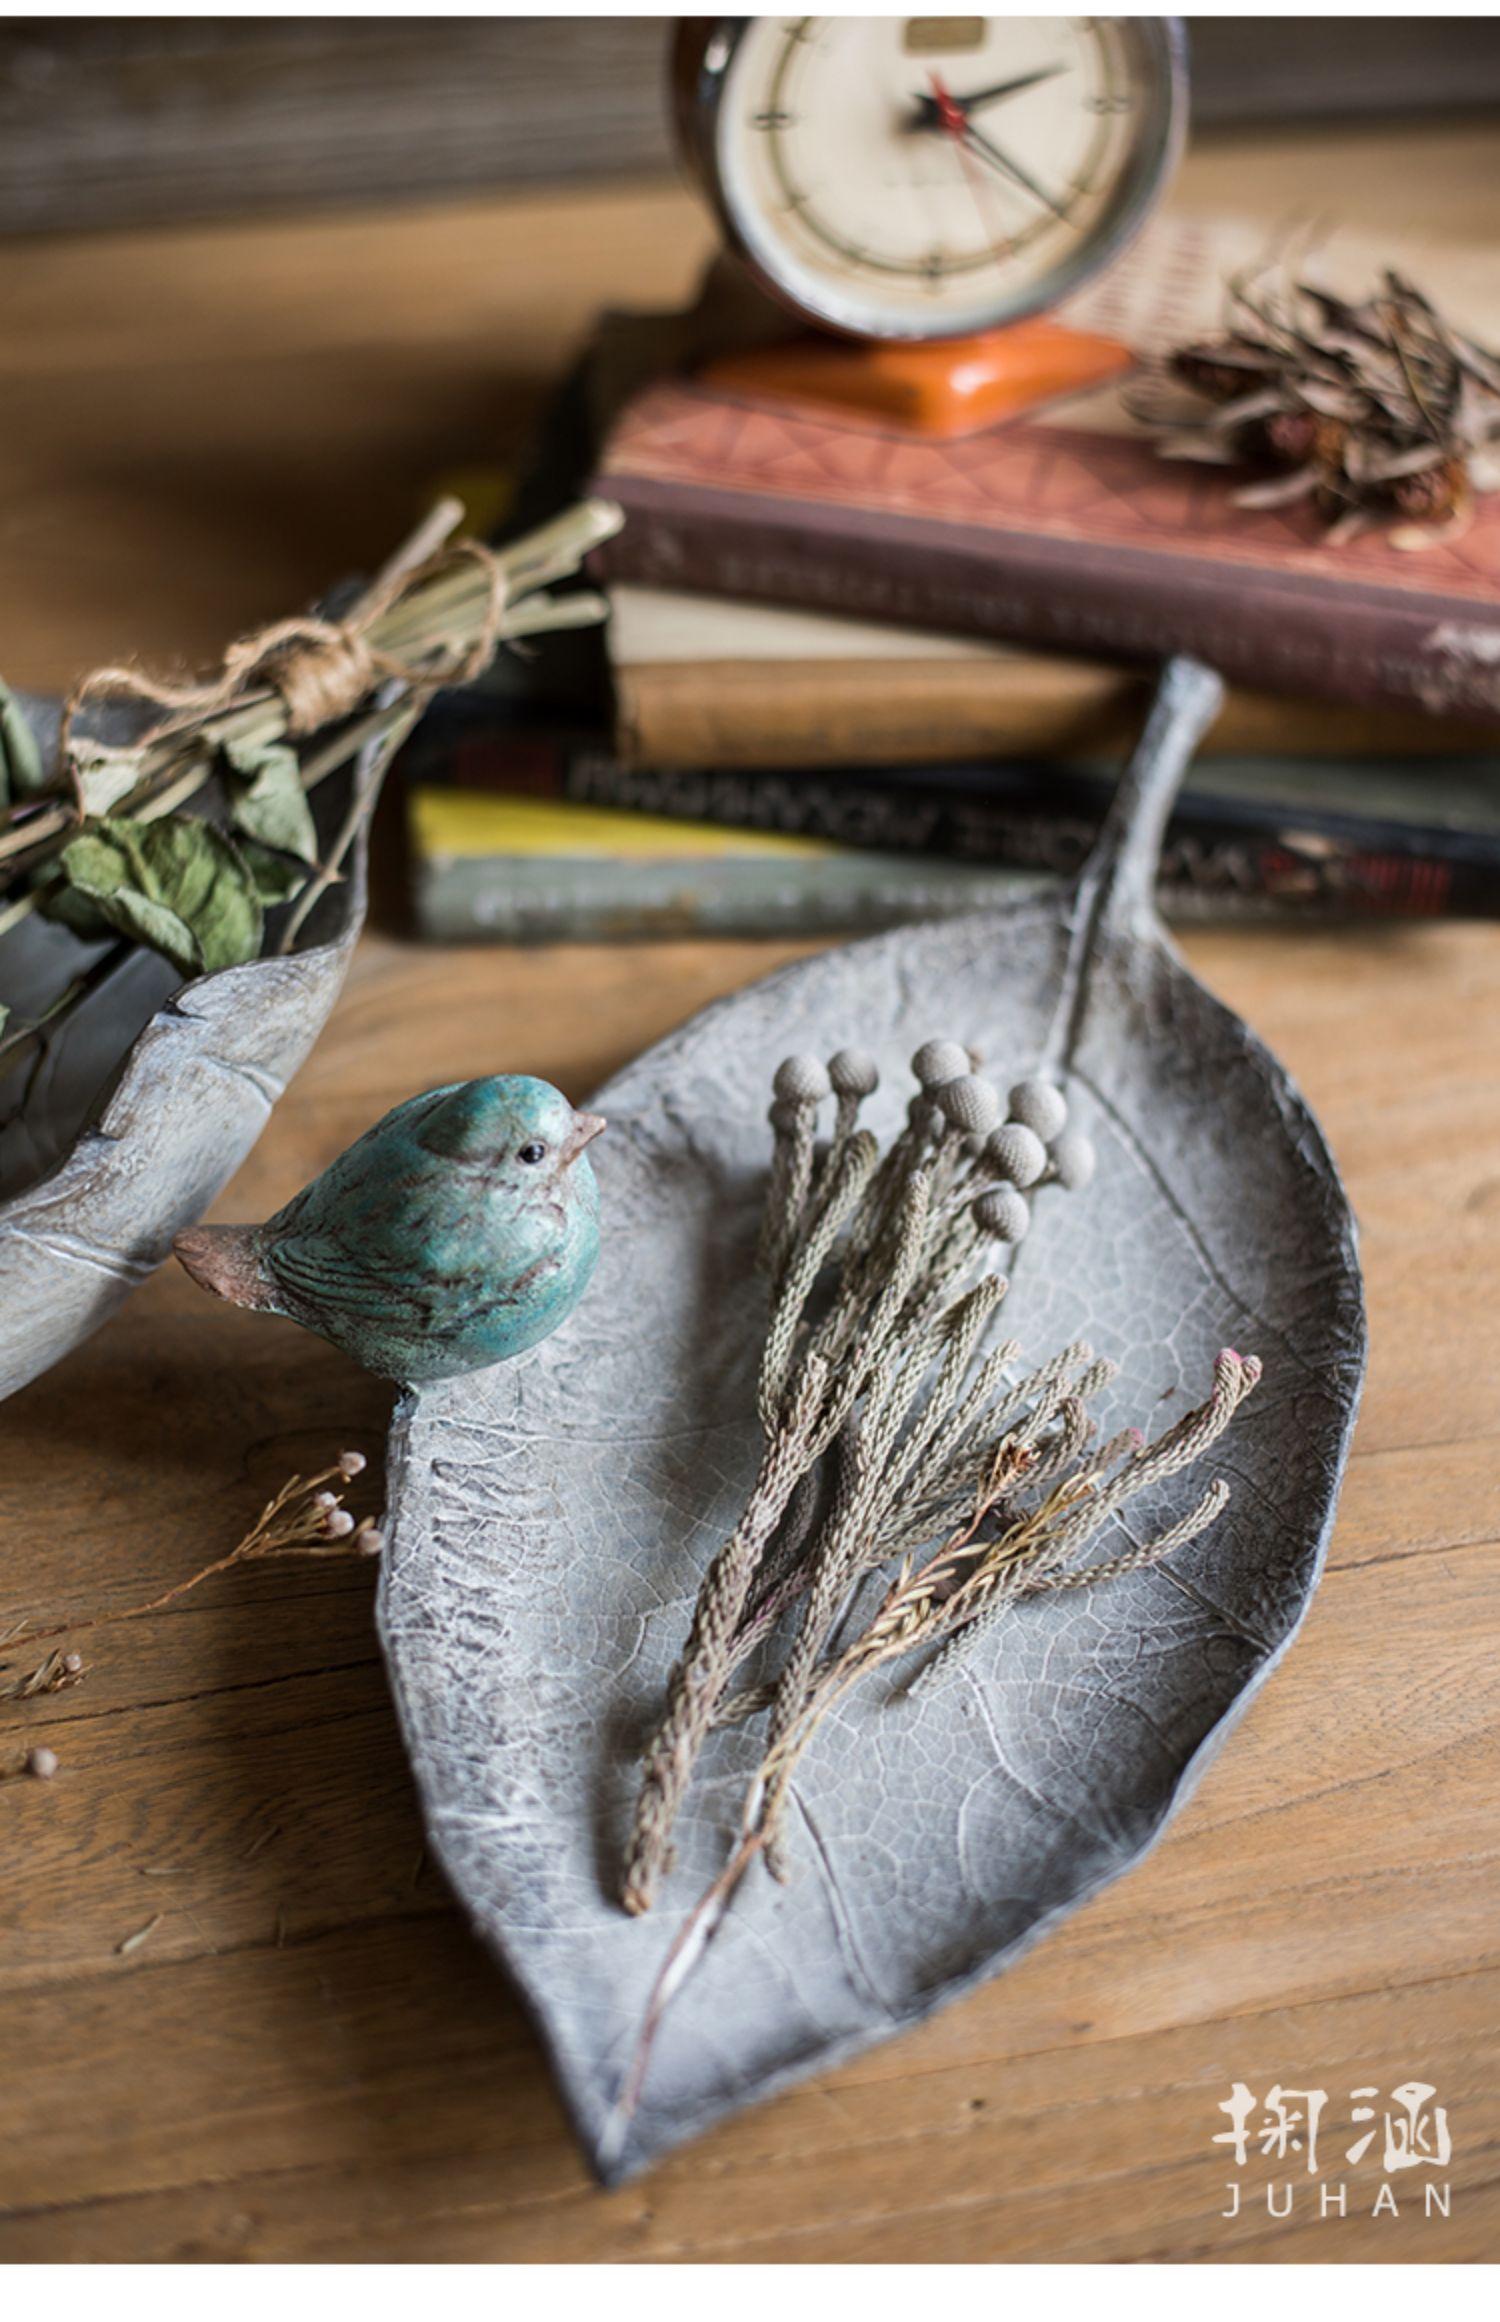 掬涵 复古蓝鸟叶子收纳盘摆件钥匙盘喂鸟器花园装饰碗欧式怀旧商品详情图